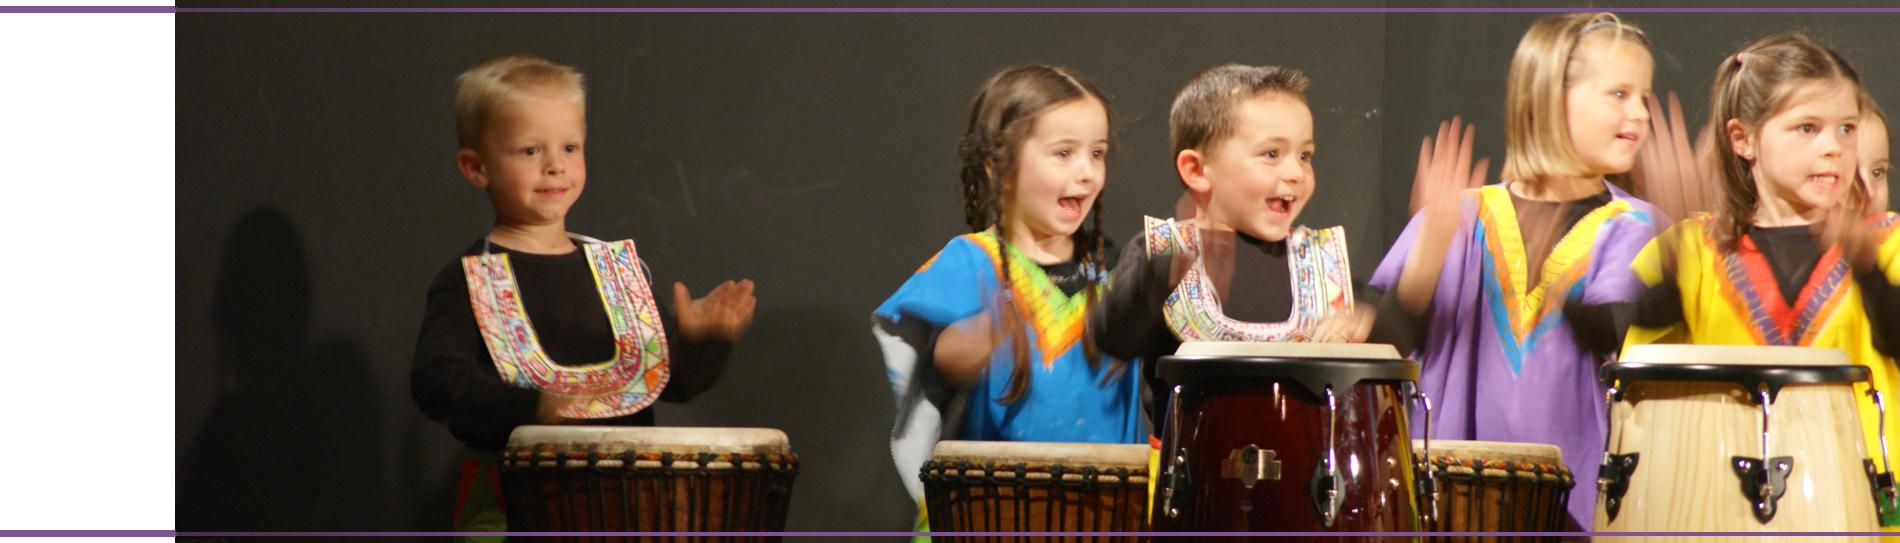 percussions-ecoles-enfants